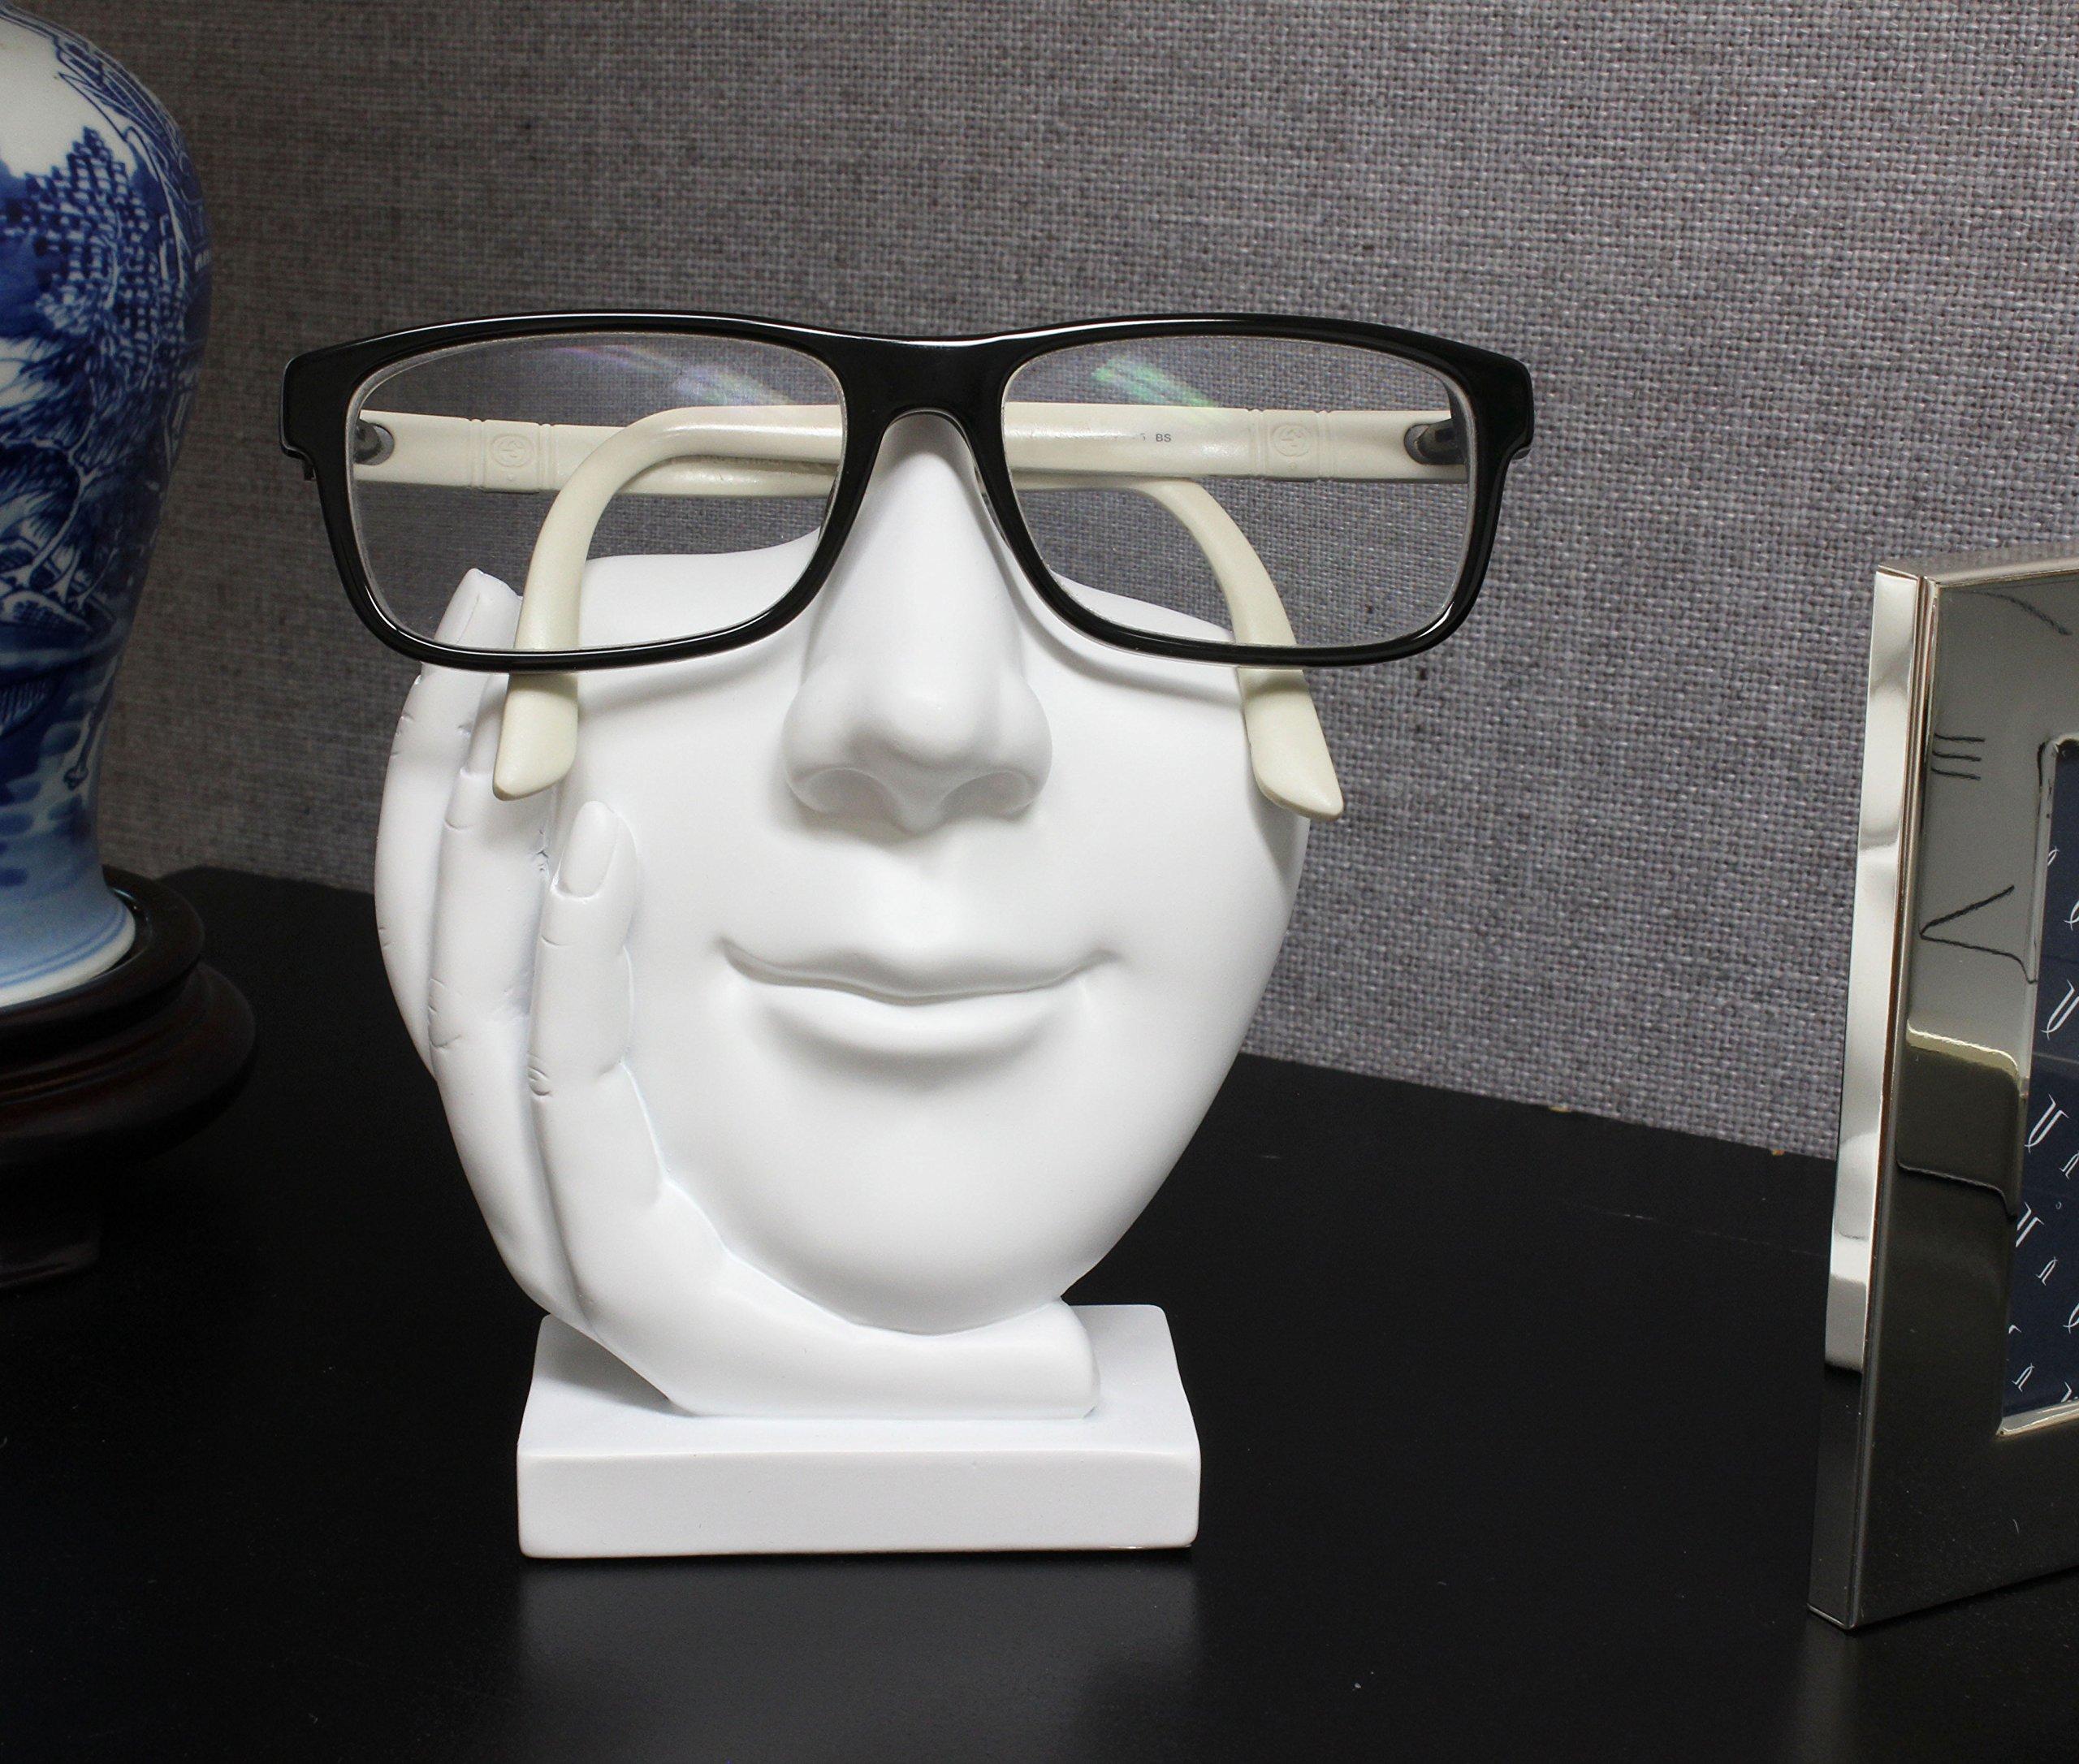 Amazon.com: Eyebods Eyeglass Stand (Random Color -Blue